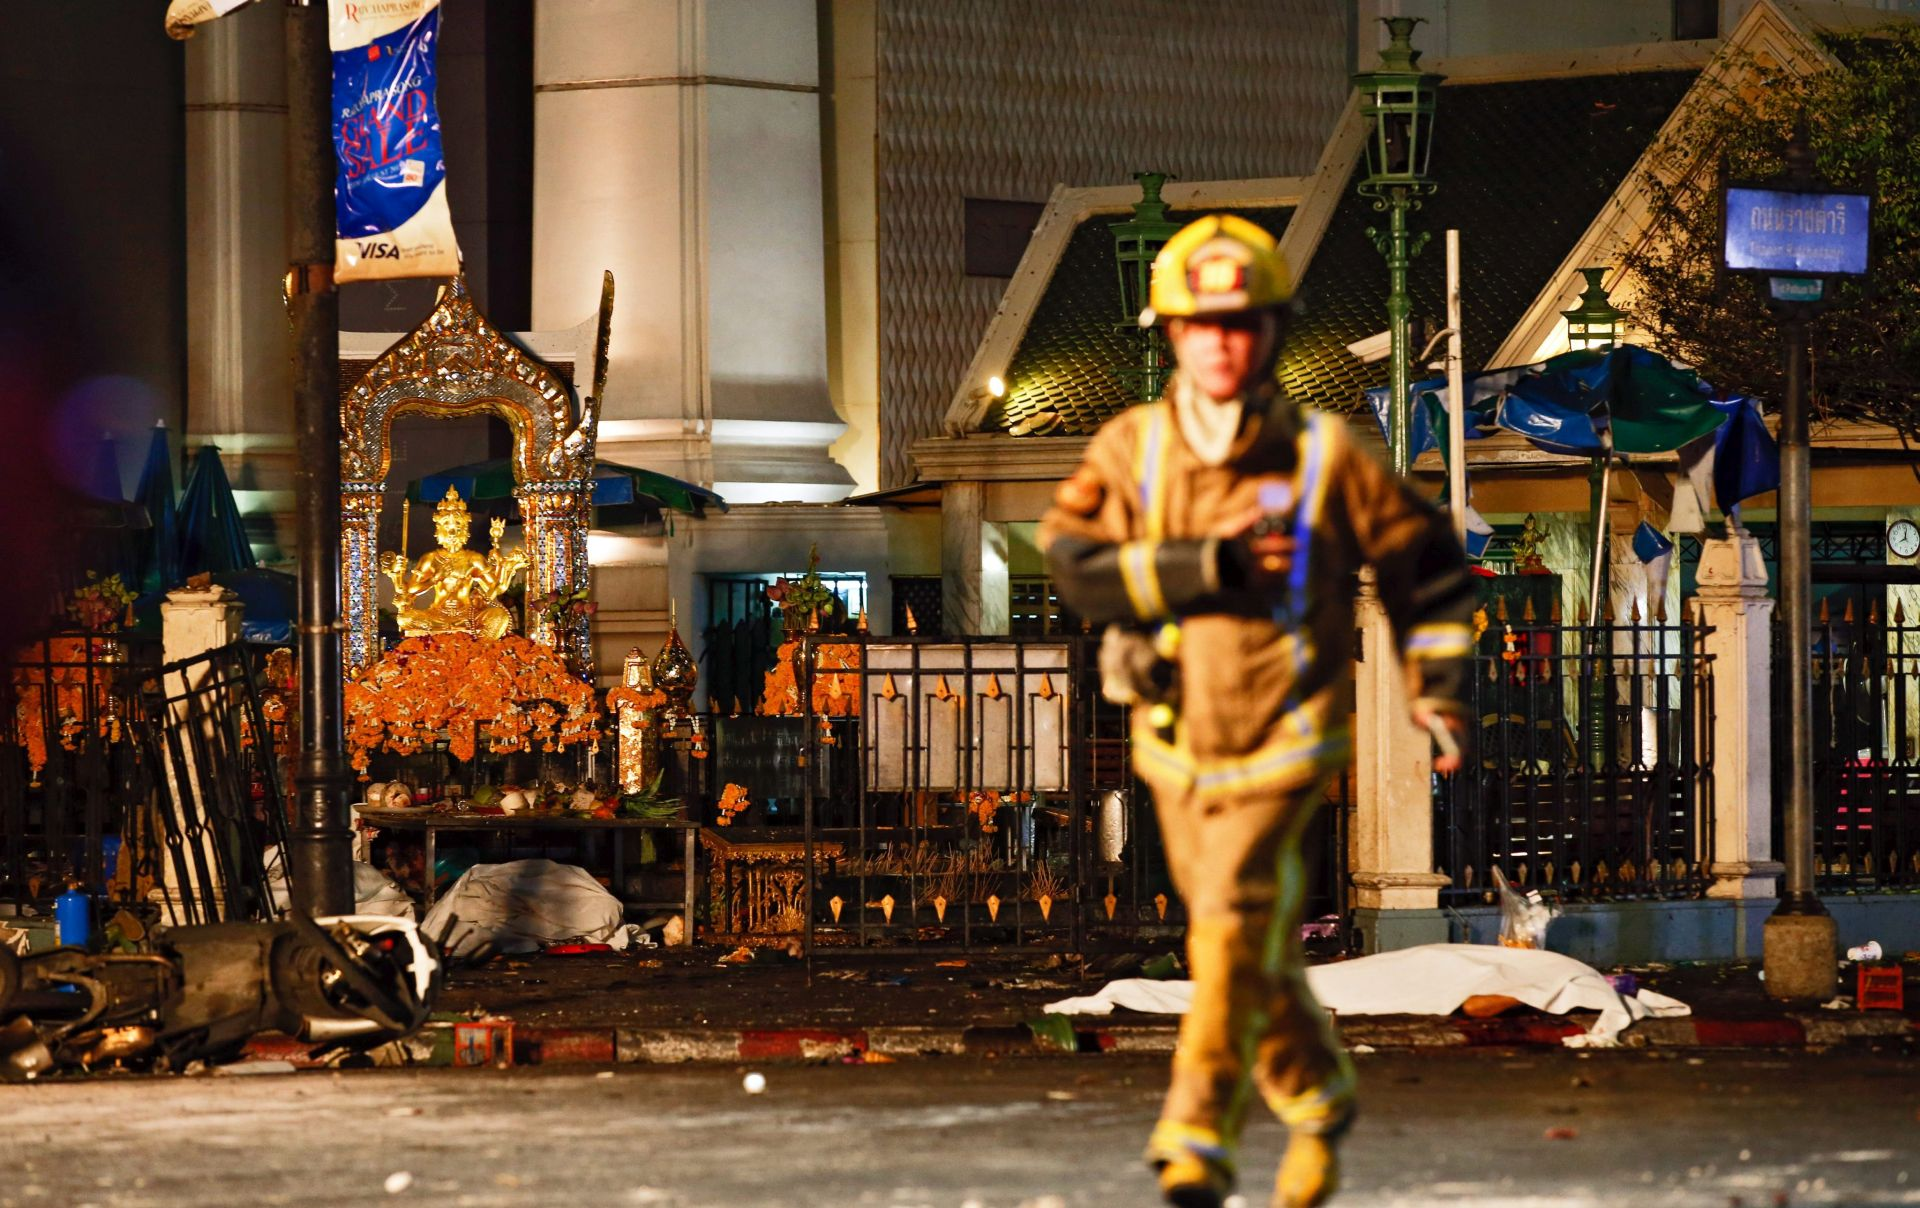 FOTO/VIDEO: BOMBA NA MOTOCIKLU Najmanje 27 poginulih u Bangkoku, tijela razasuta po ulici